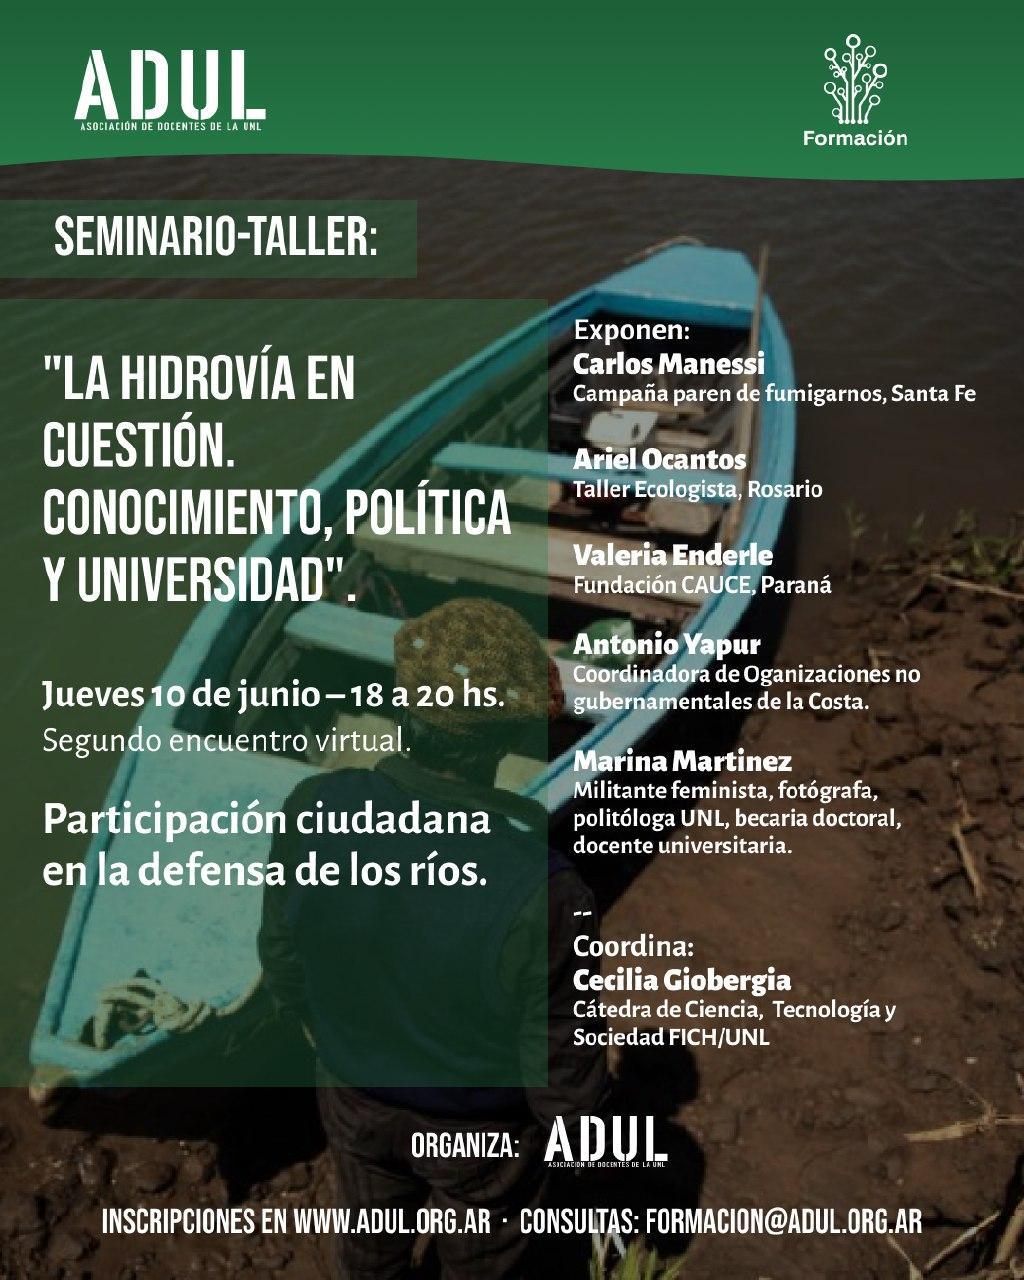 Seminario-Taller: la hidrovía en cuestión. Segundo encuentro: «Participación ciudadana en la defensa de los ríos» – Jueves 10/6 – 18 a 20 hs.